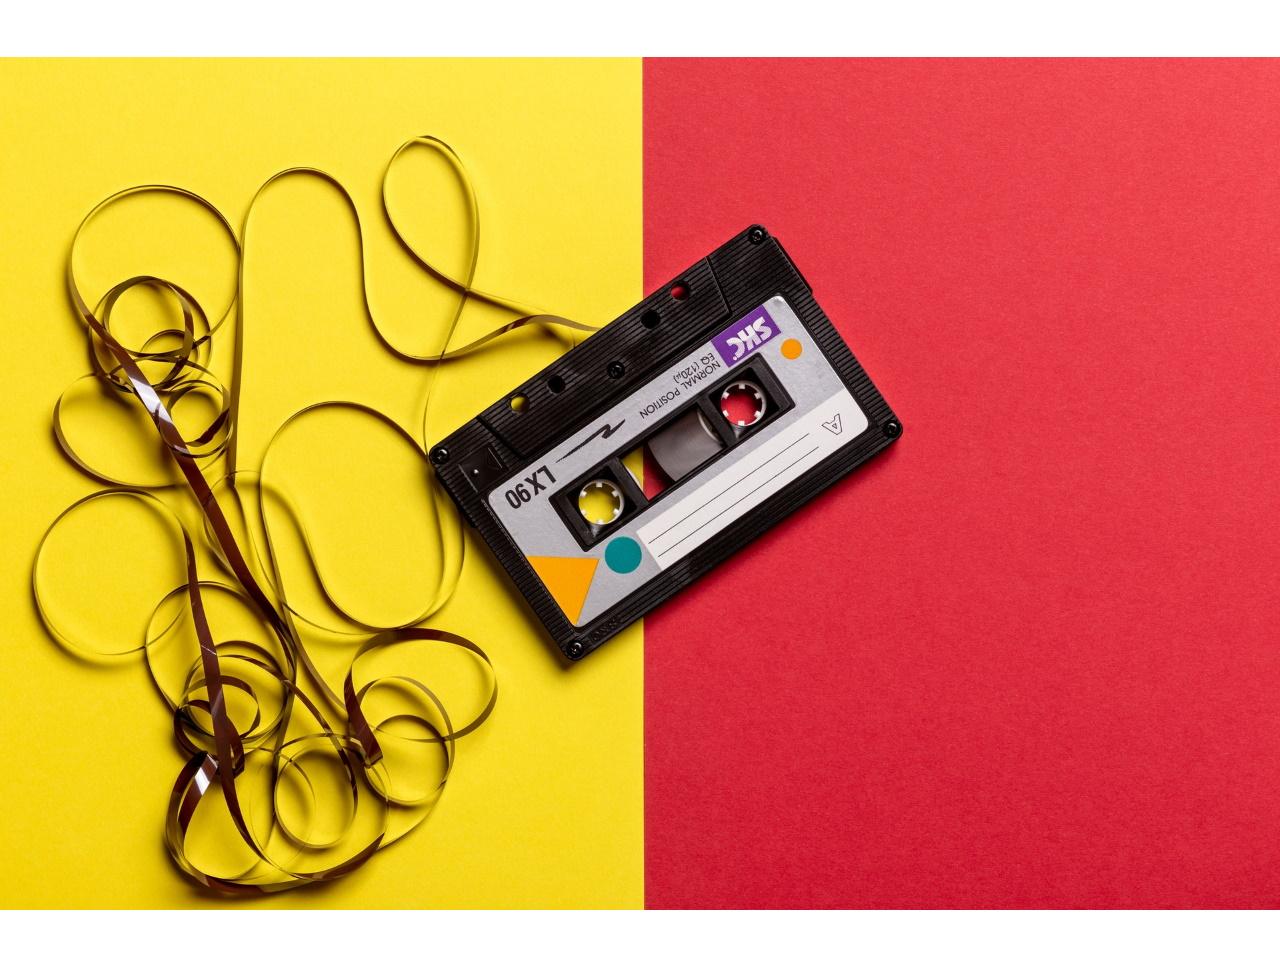 cassette duplication